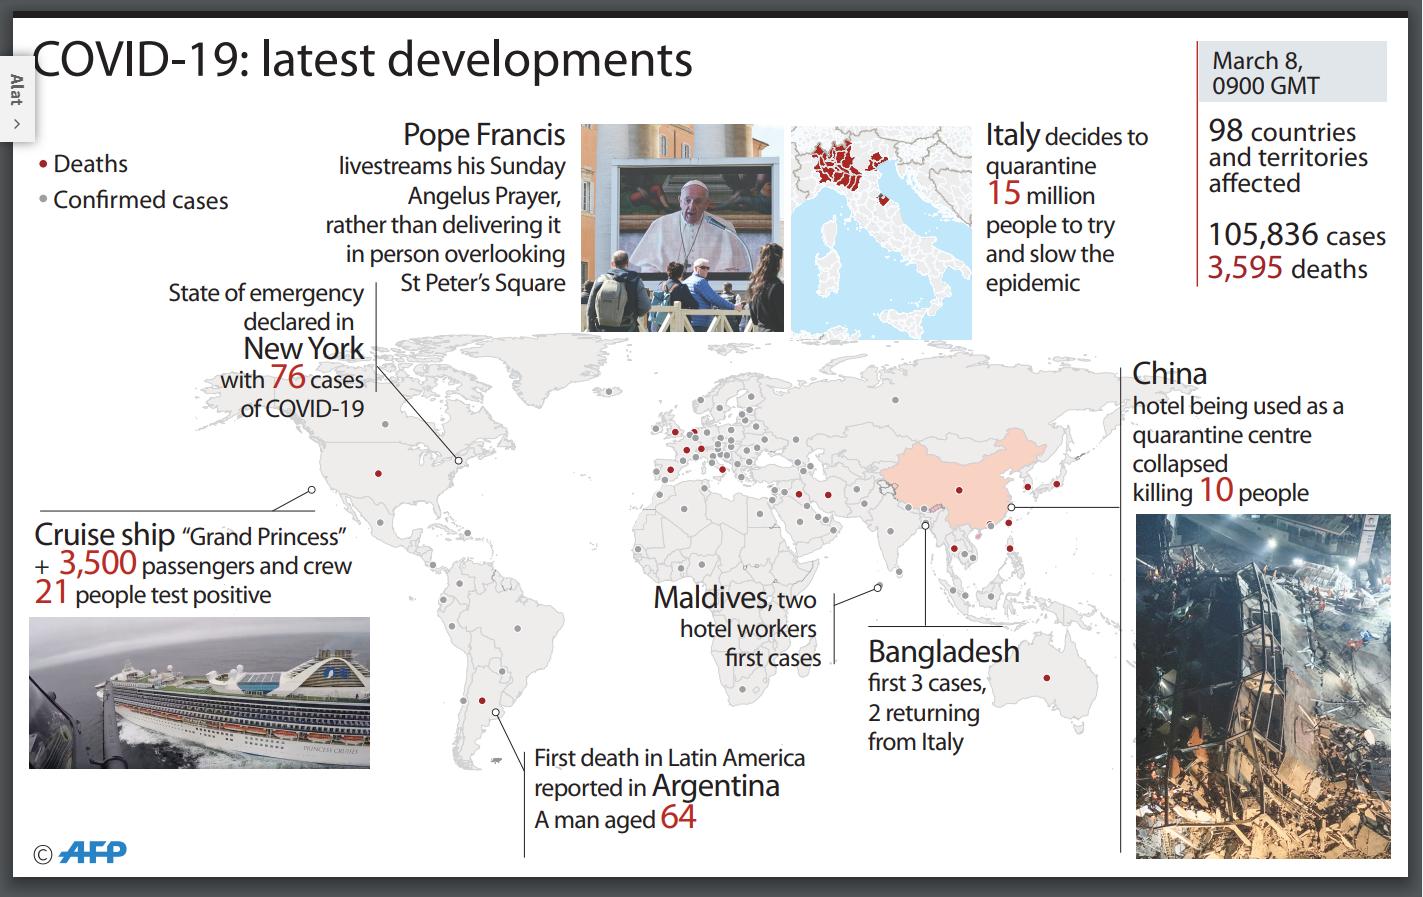 Ikut Memantau Perkembangan COVID-19 di Seluruh Dunia